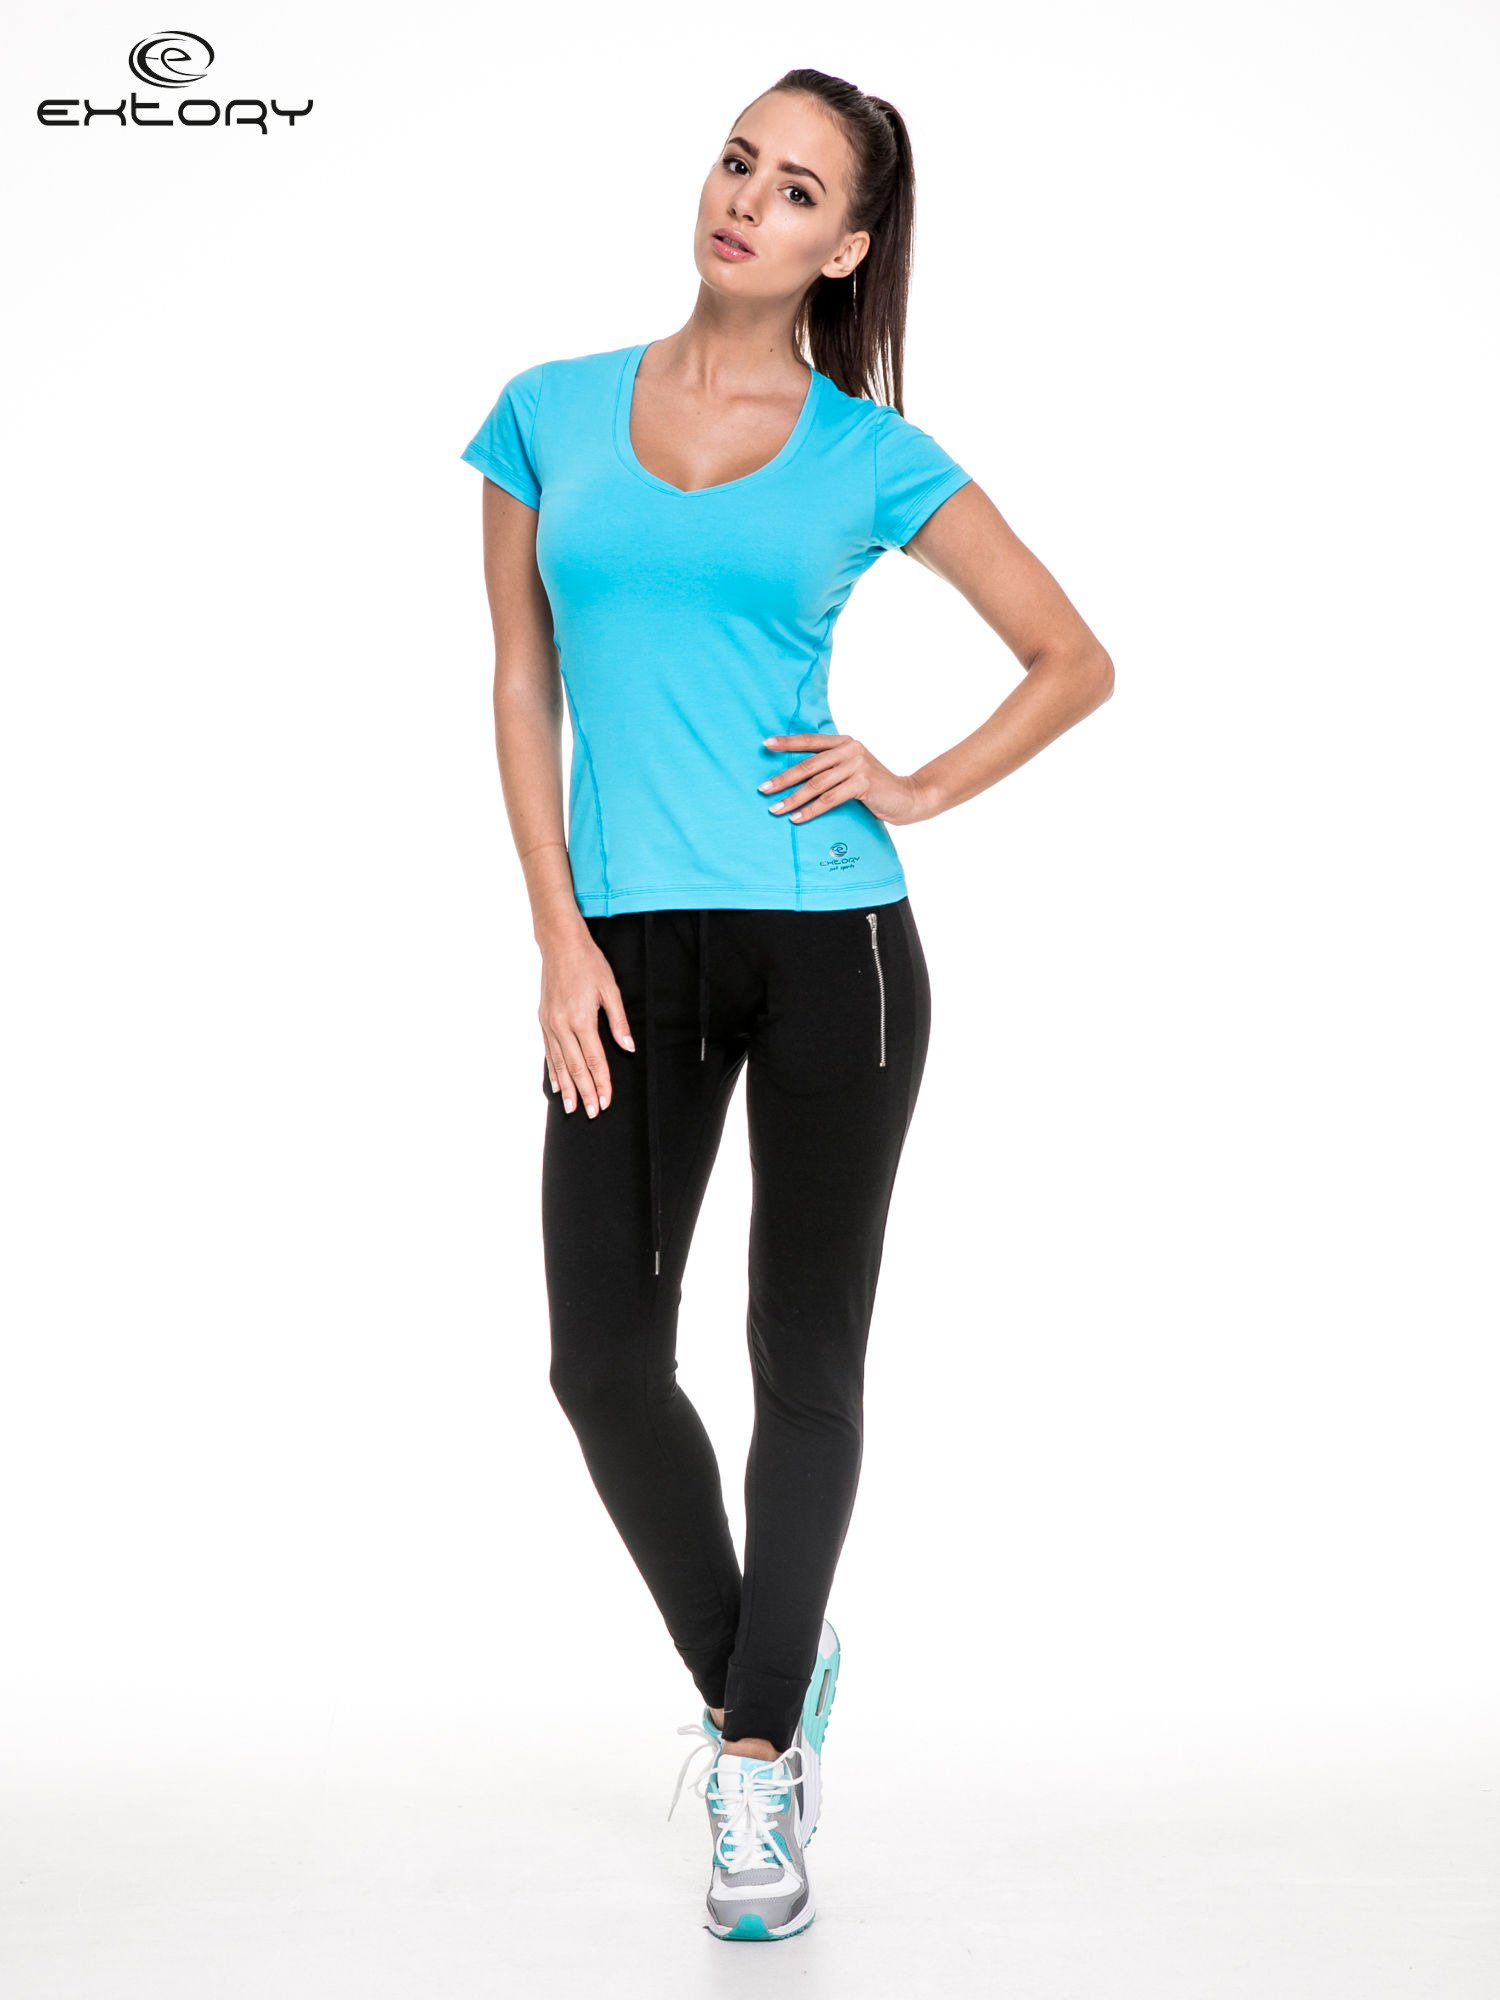 Niebieski damski t-shirt sportowy z modelującymi przeszyciami                                  zdj.                                  2